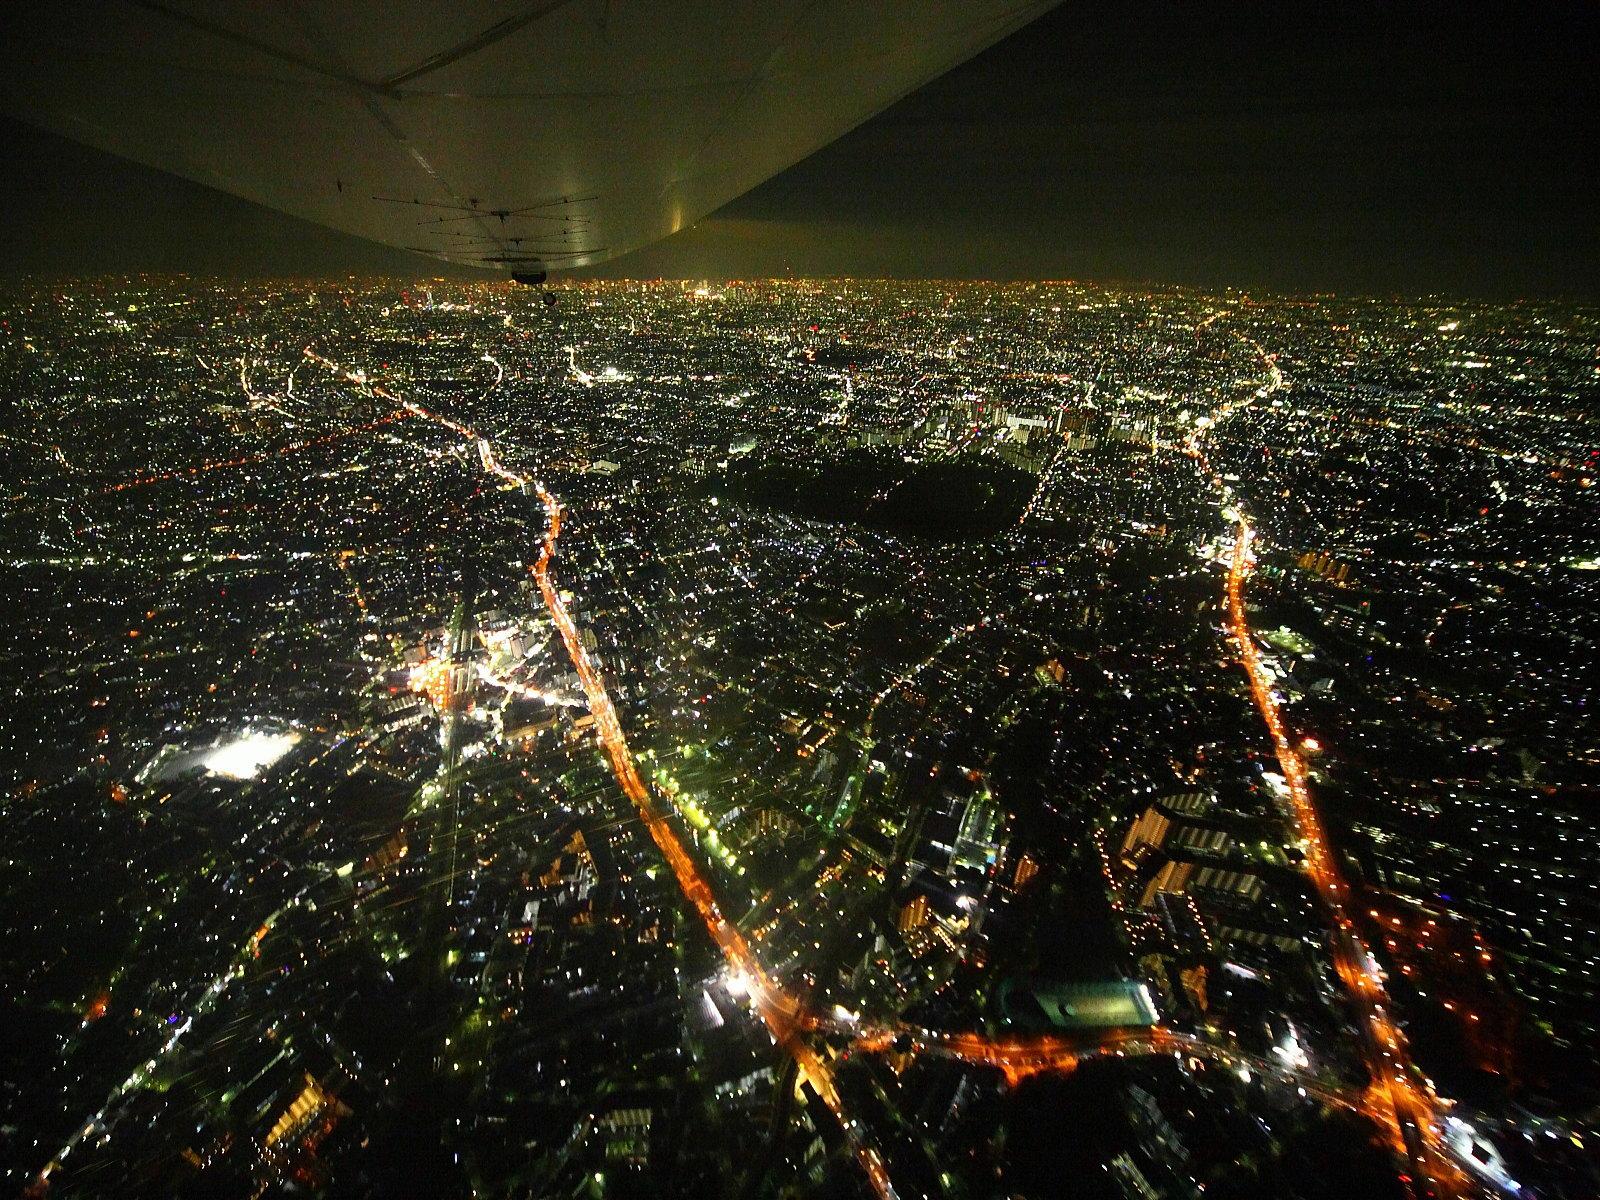 空拍東京夜 - 有趣貼圖影片 - Uwants.com 空拍東京夜 服務 服務 MammyDad